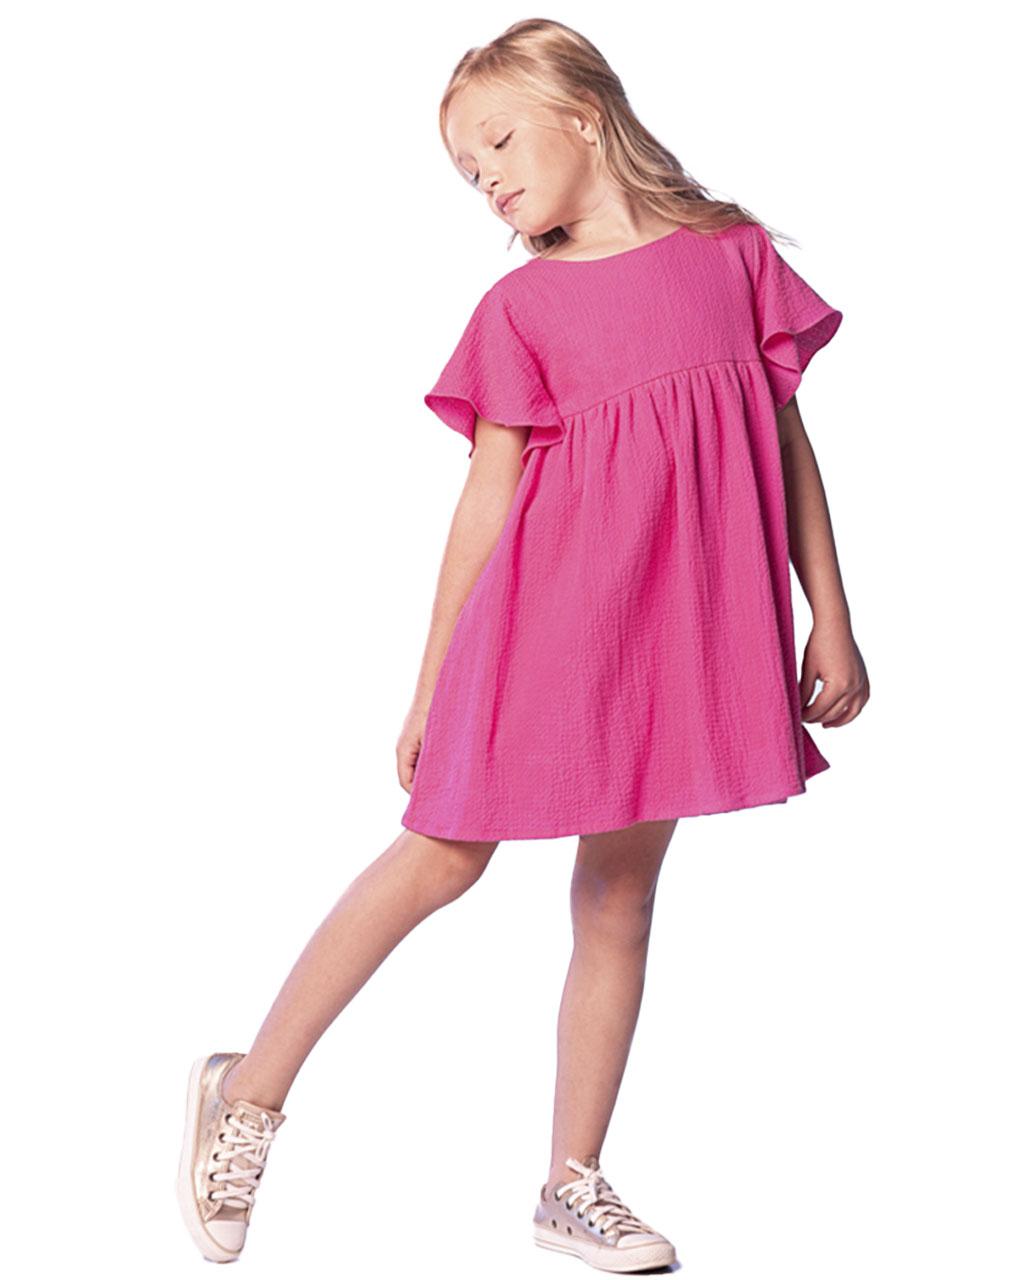 Vestido Infantil Rosa com Amarração nas Costas Que Te Encante